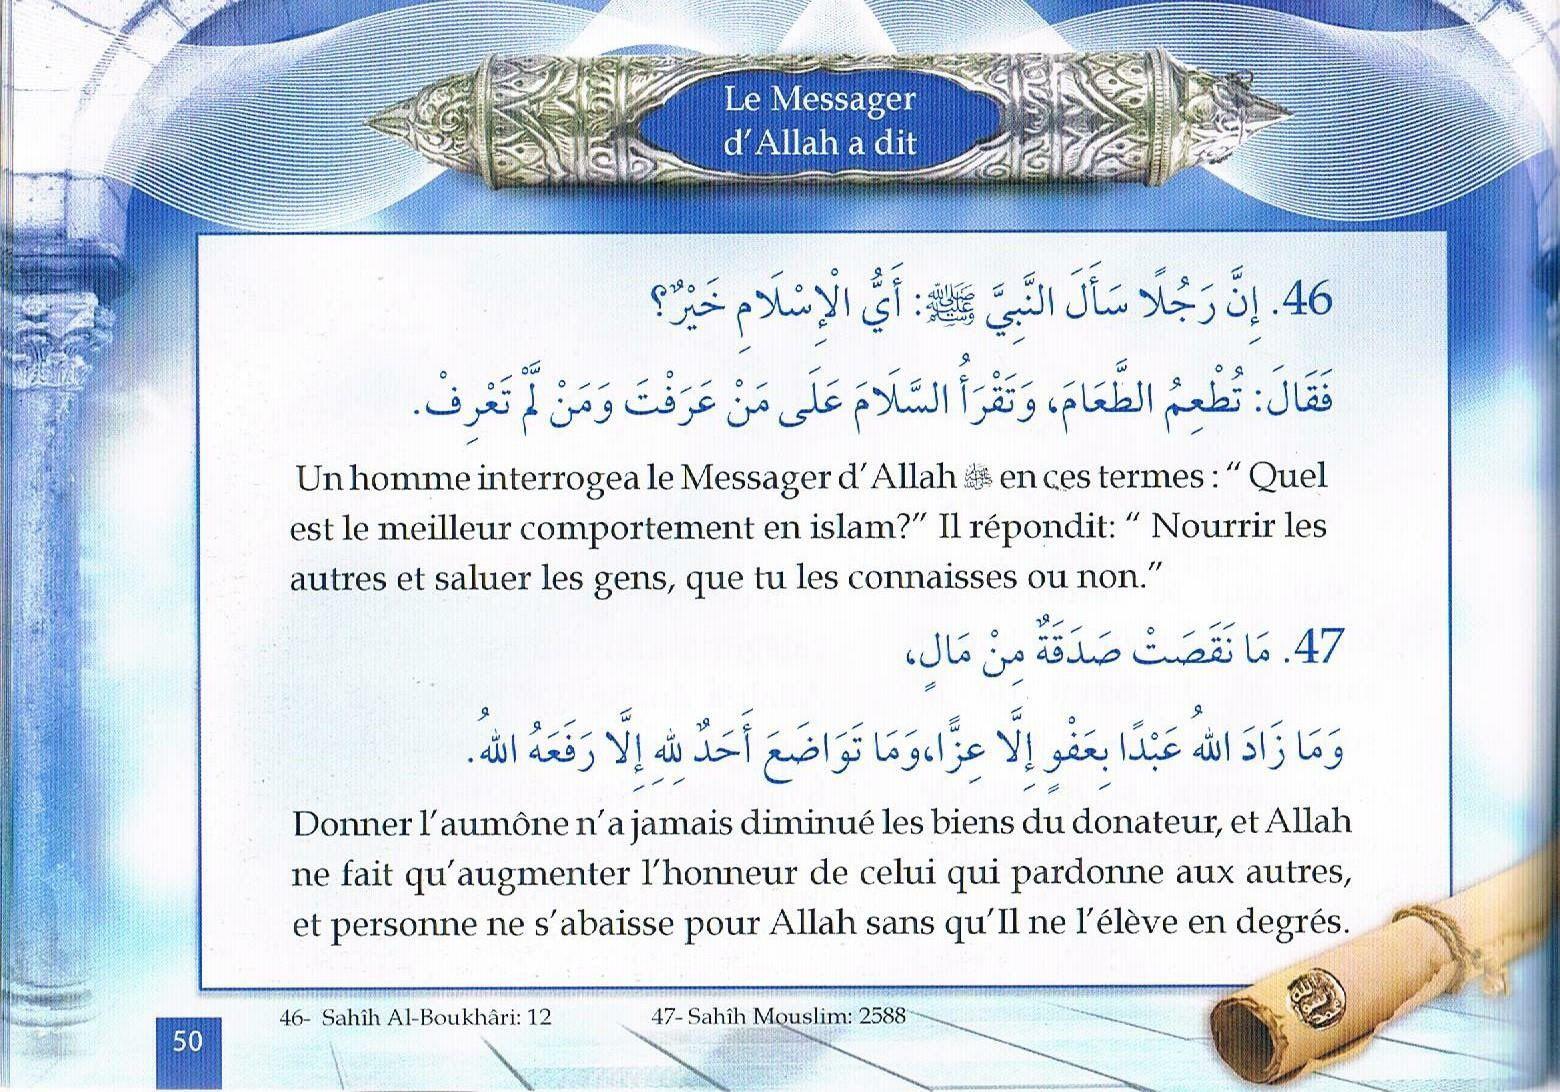 Quel est le meilleurs comportement en islam ?